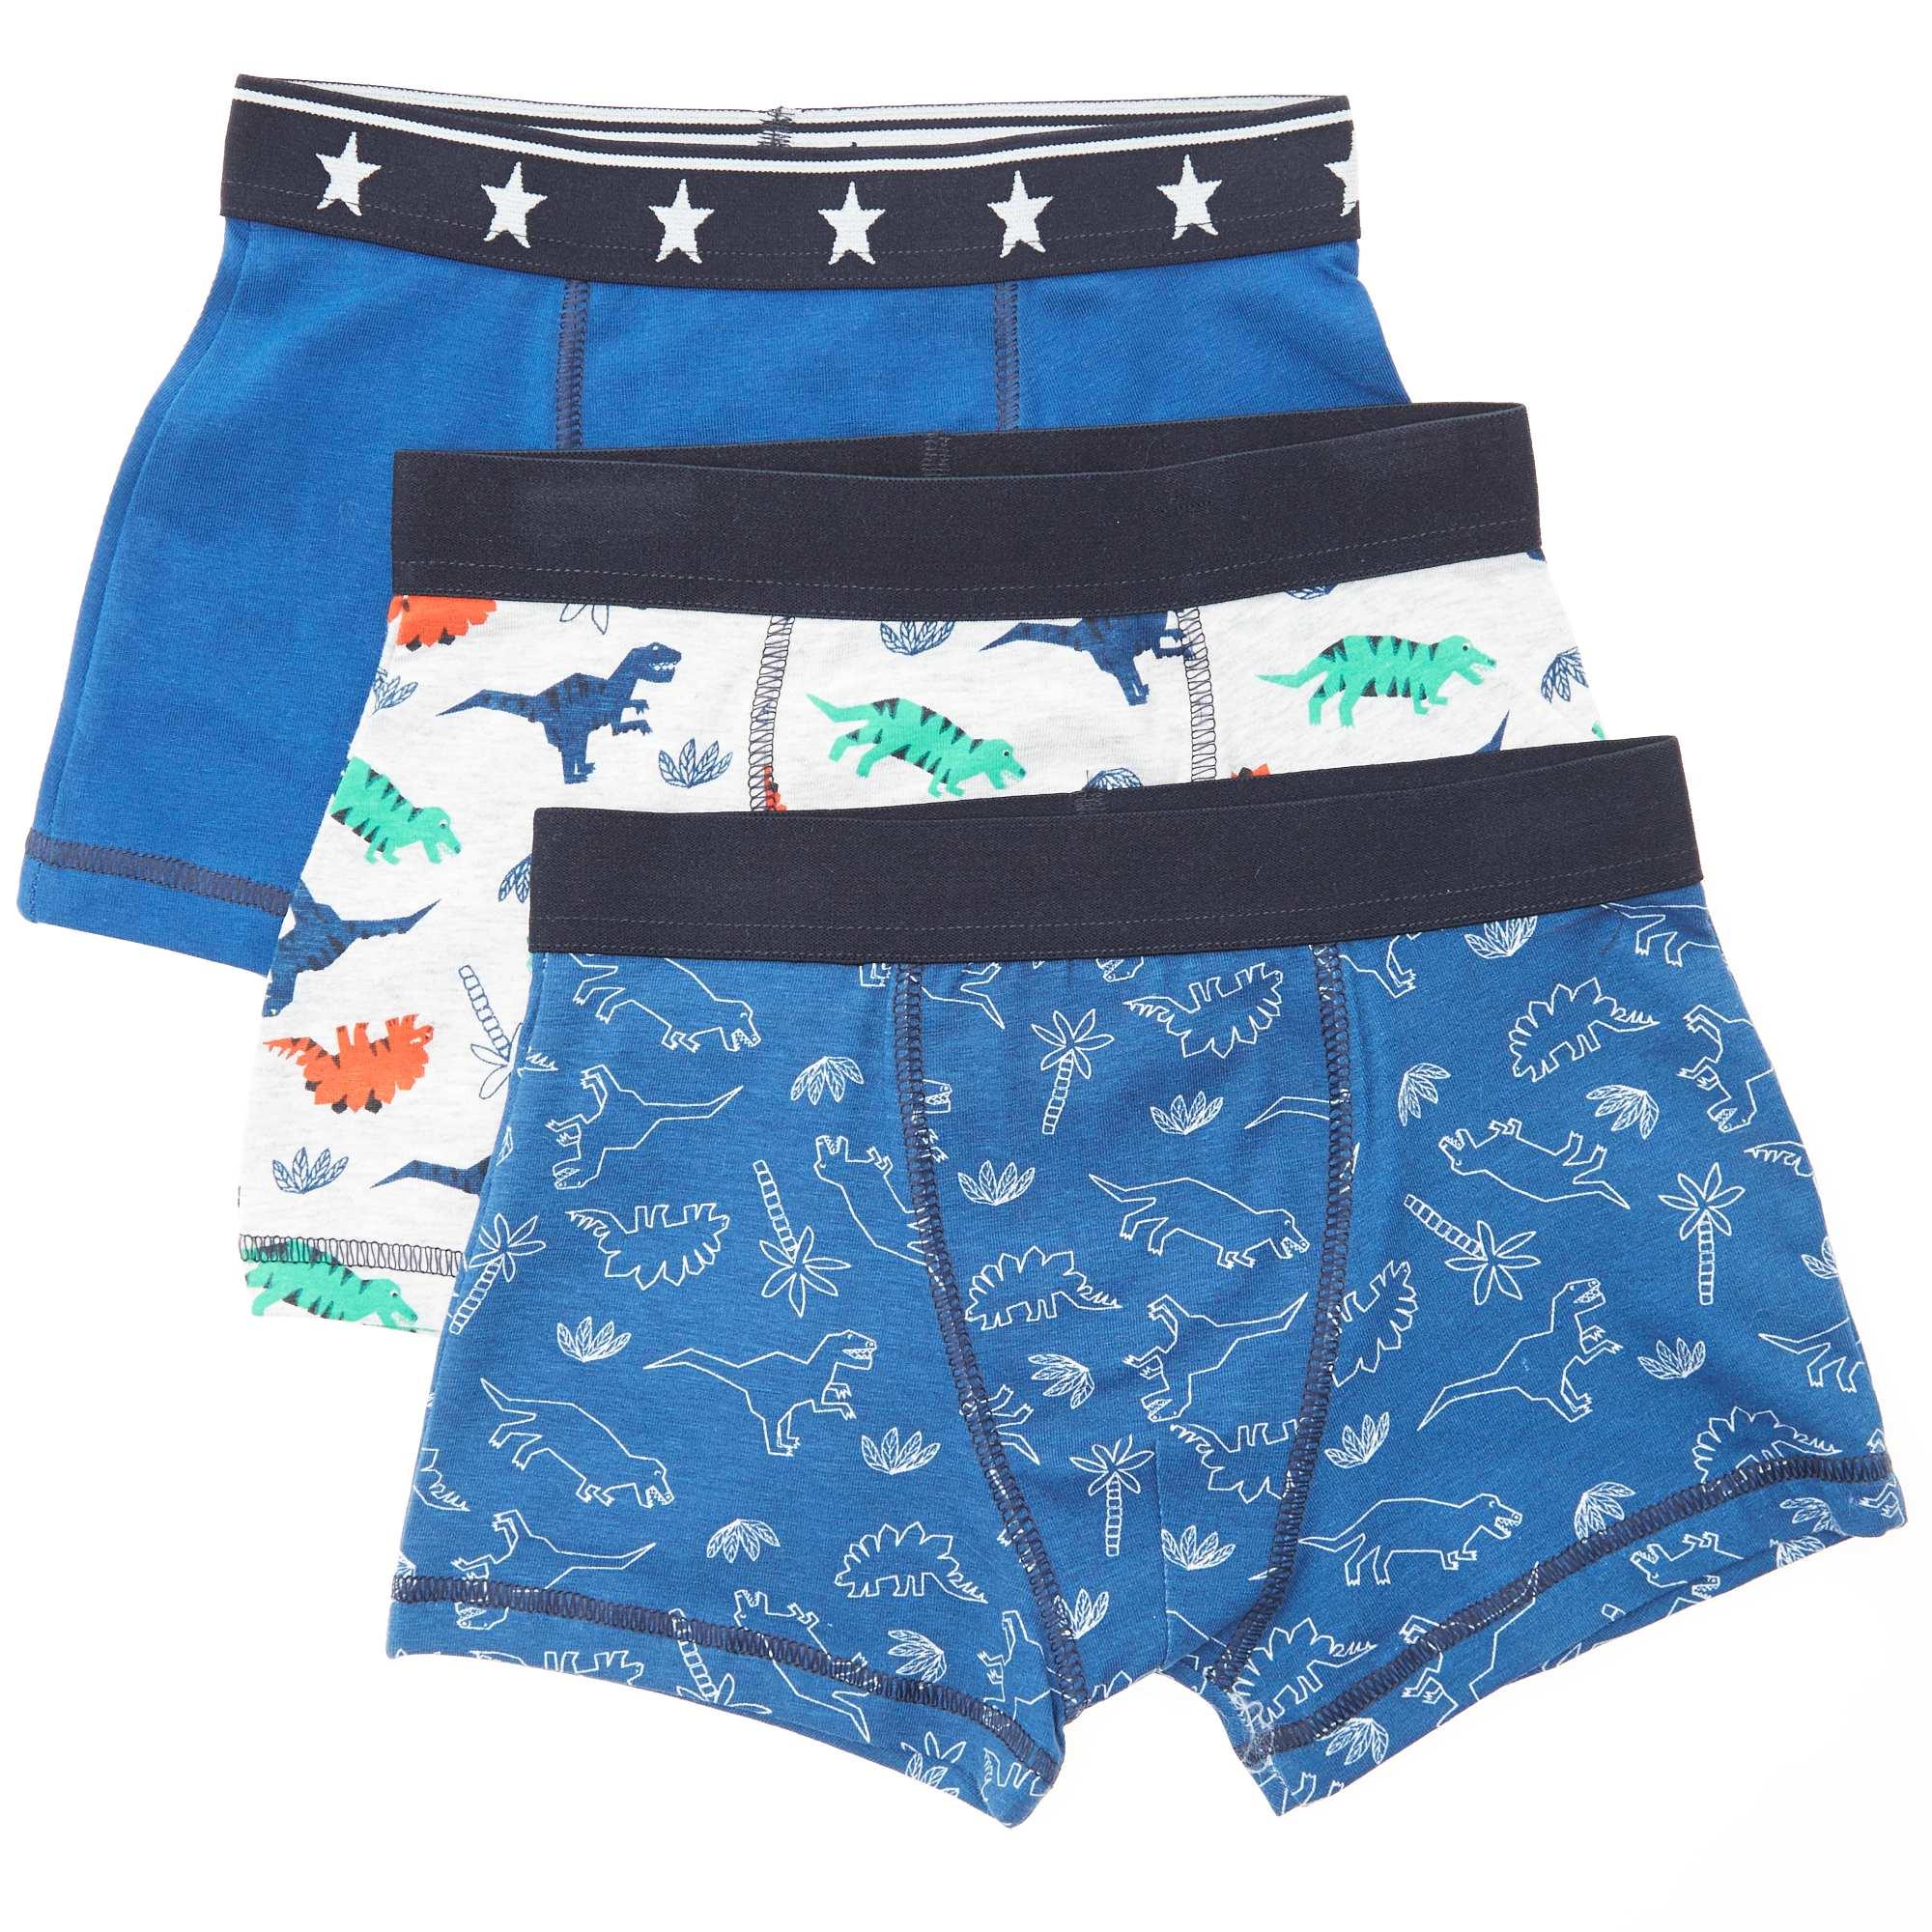 Couleur : bleu, , ,, - Taille : 8A, 12A, 10A,,Des dinos partout ! - Lot de 3 boxers - En coton stretch - Taille élastiquée - 2